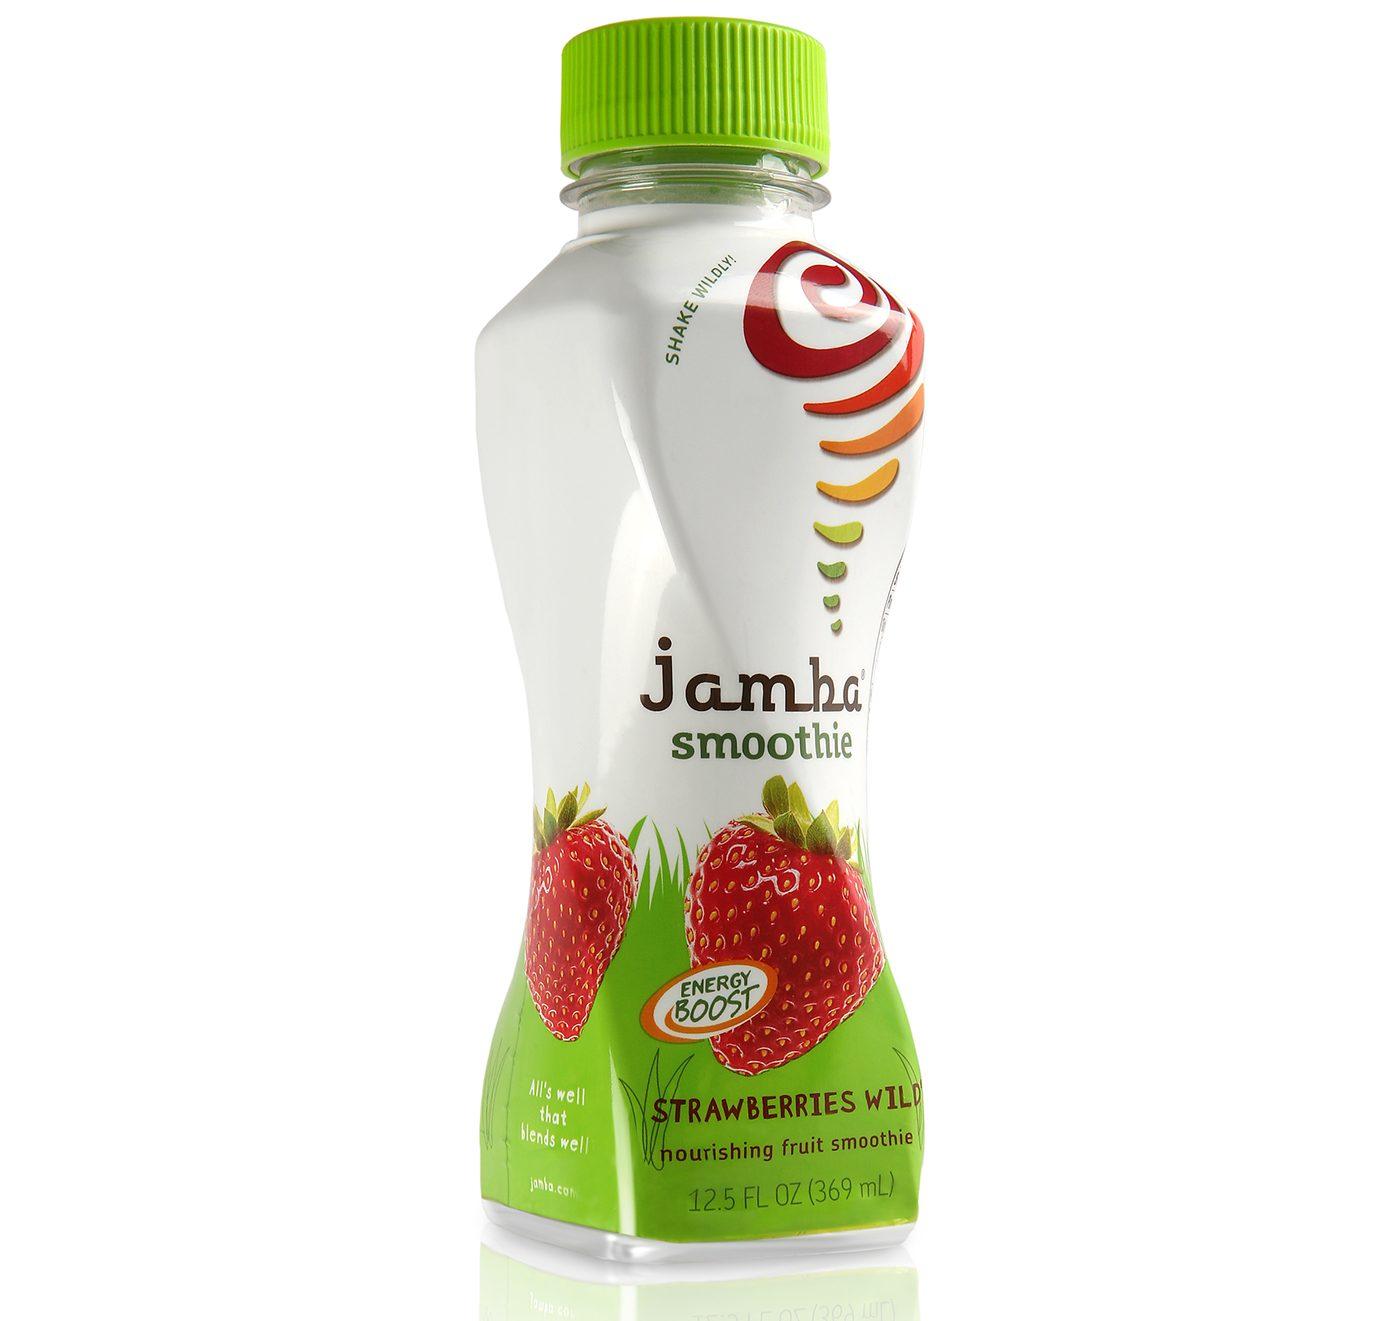 Jamba Juice Smoothie